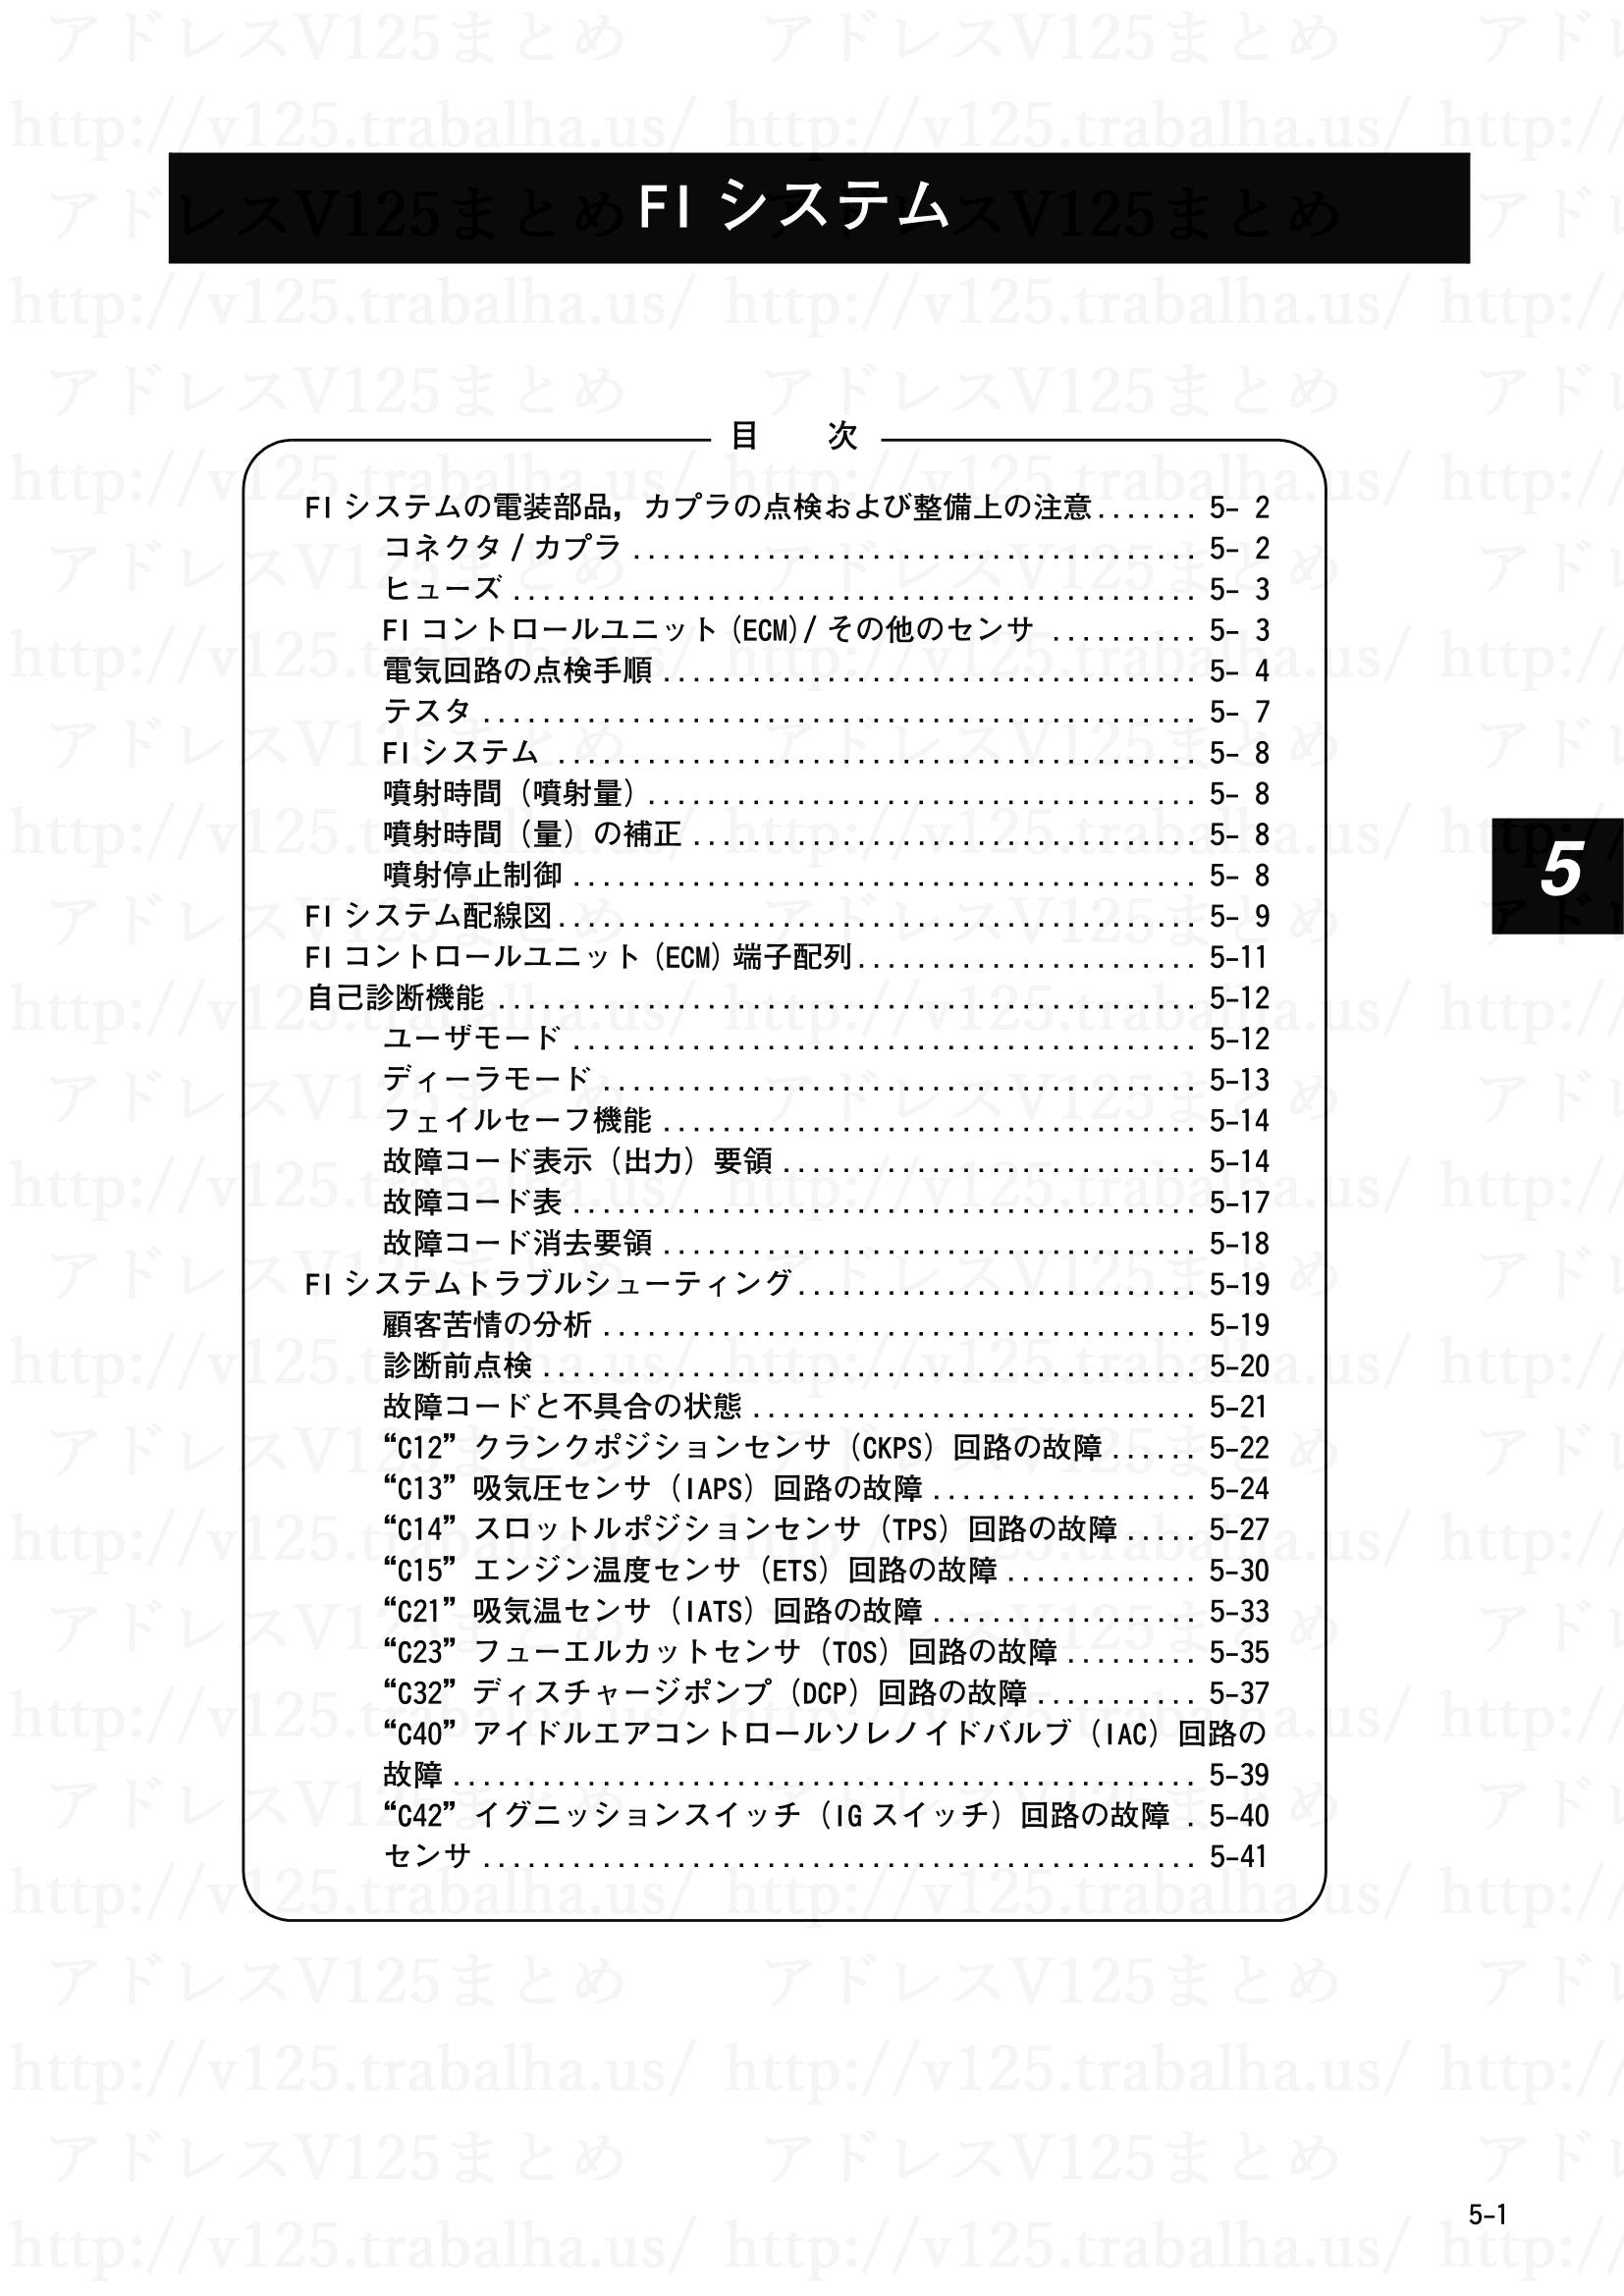 5-1【FIシステム】目次